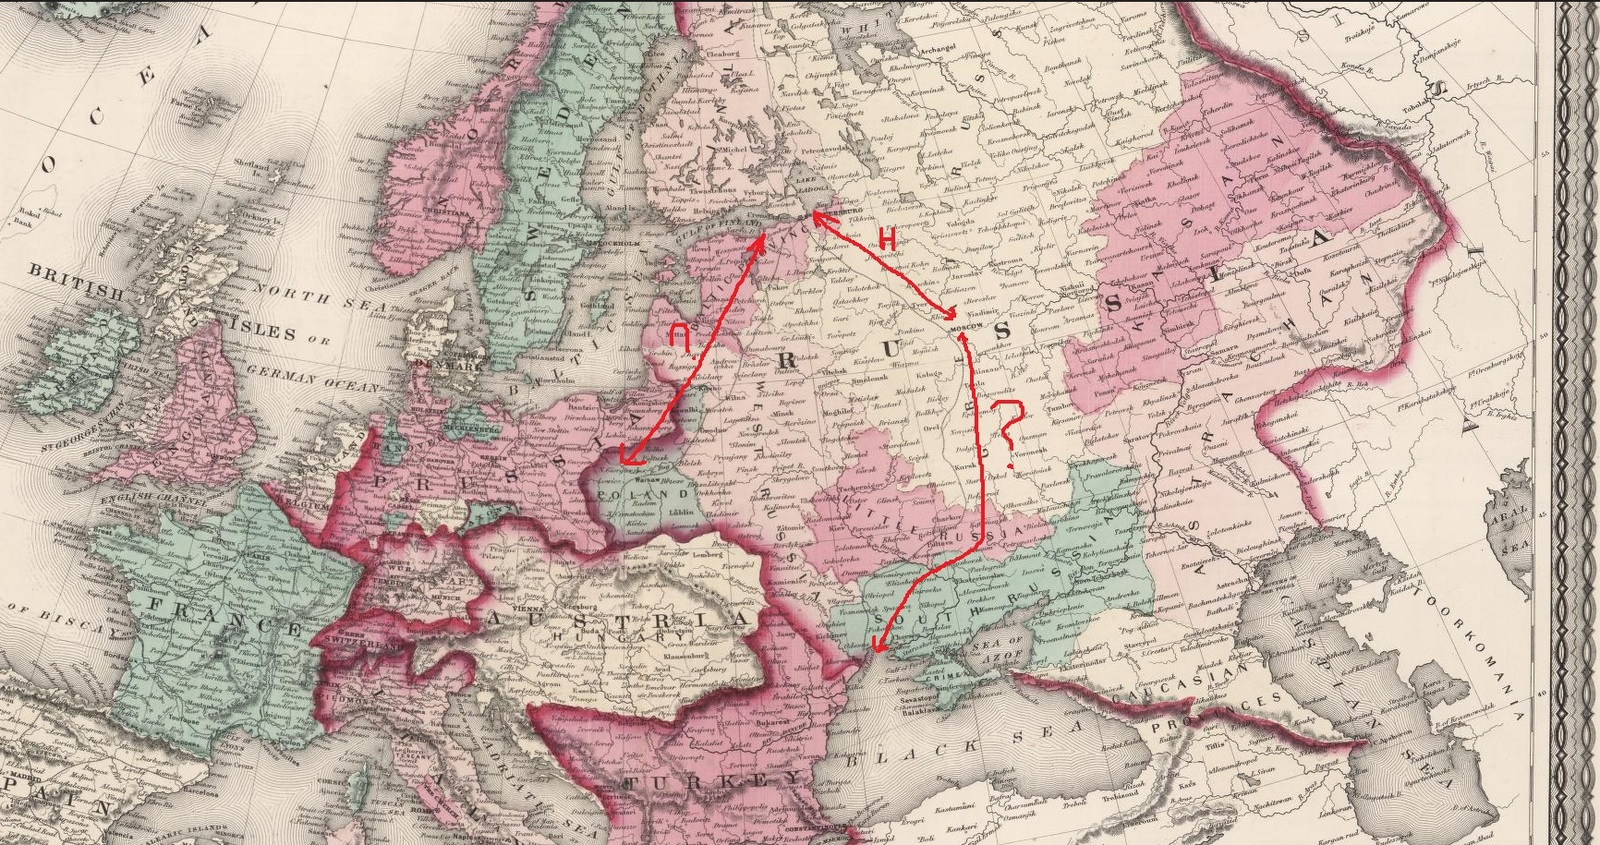 Железные дороги в 1772 году Карты, История, Железная Дорога, Теория  заговора, Катастрофа